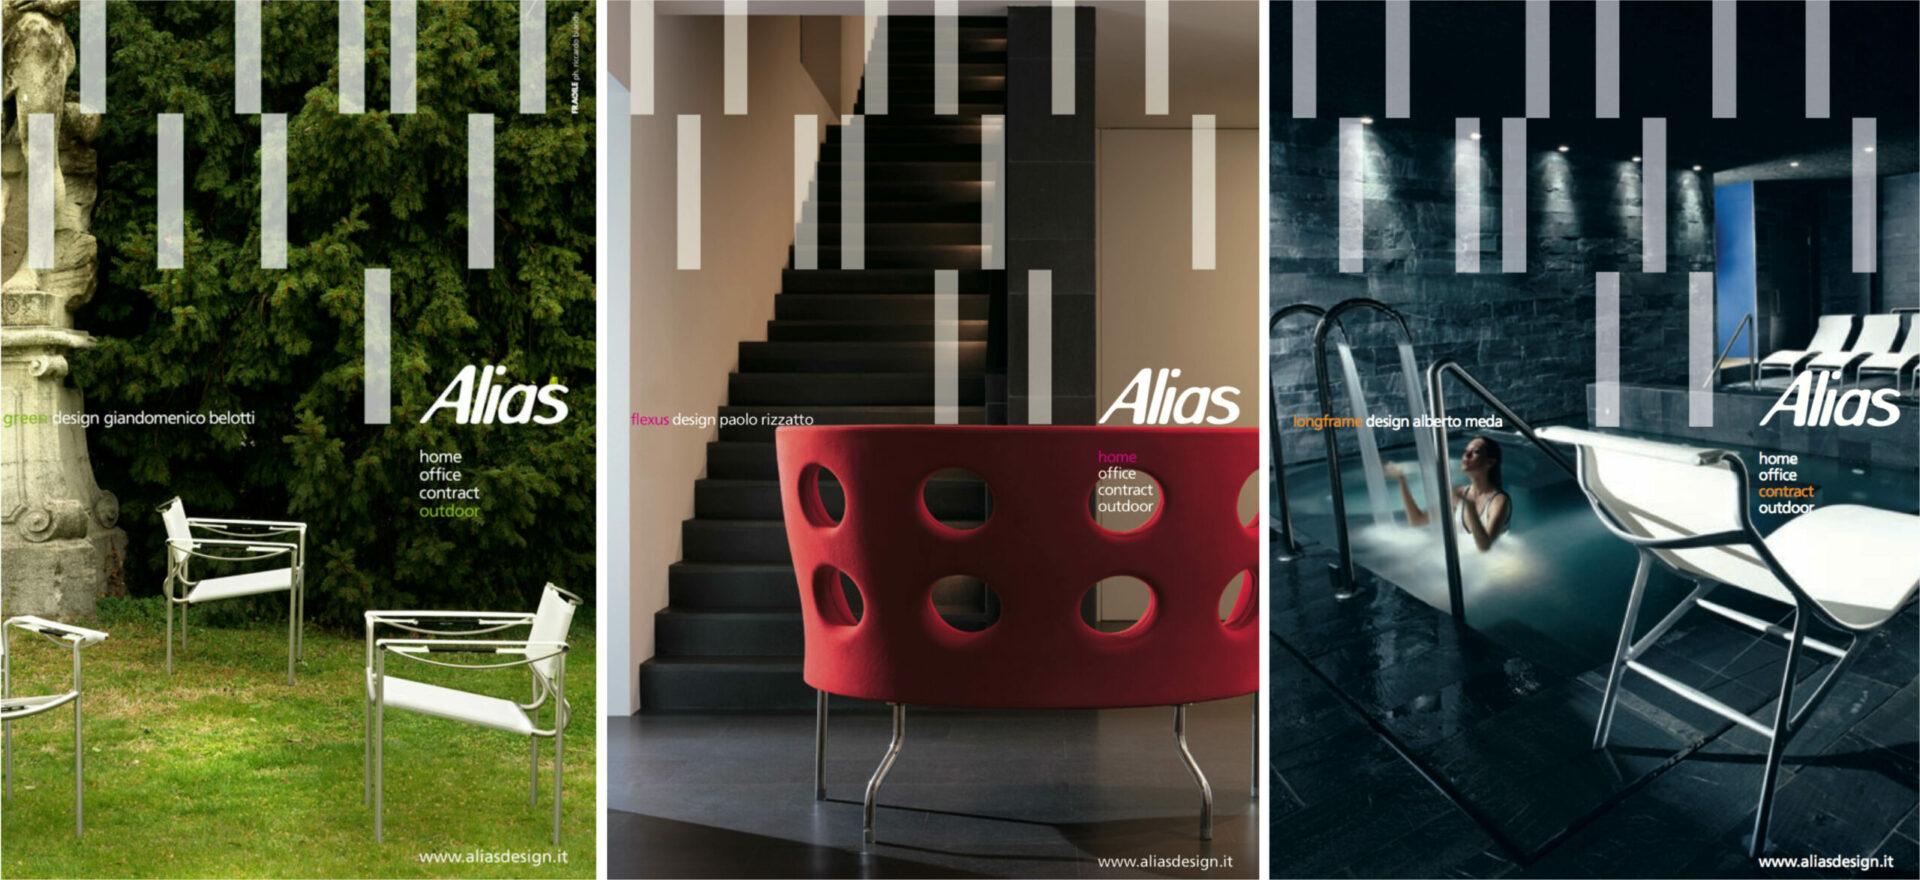 Alias_Poster magazine_Mario Trimarchi Design_Graphics Branding